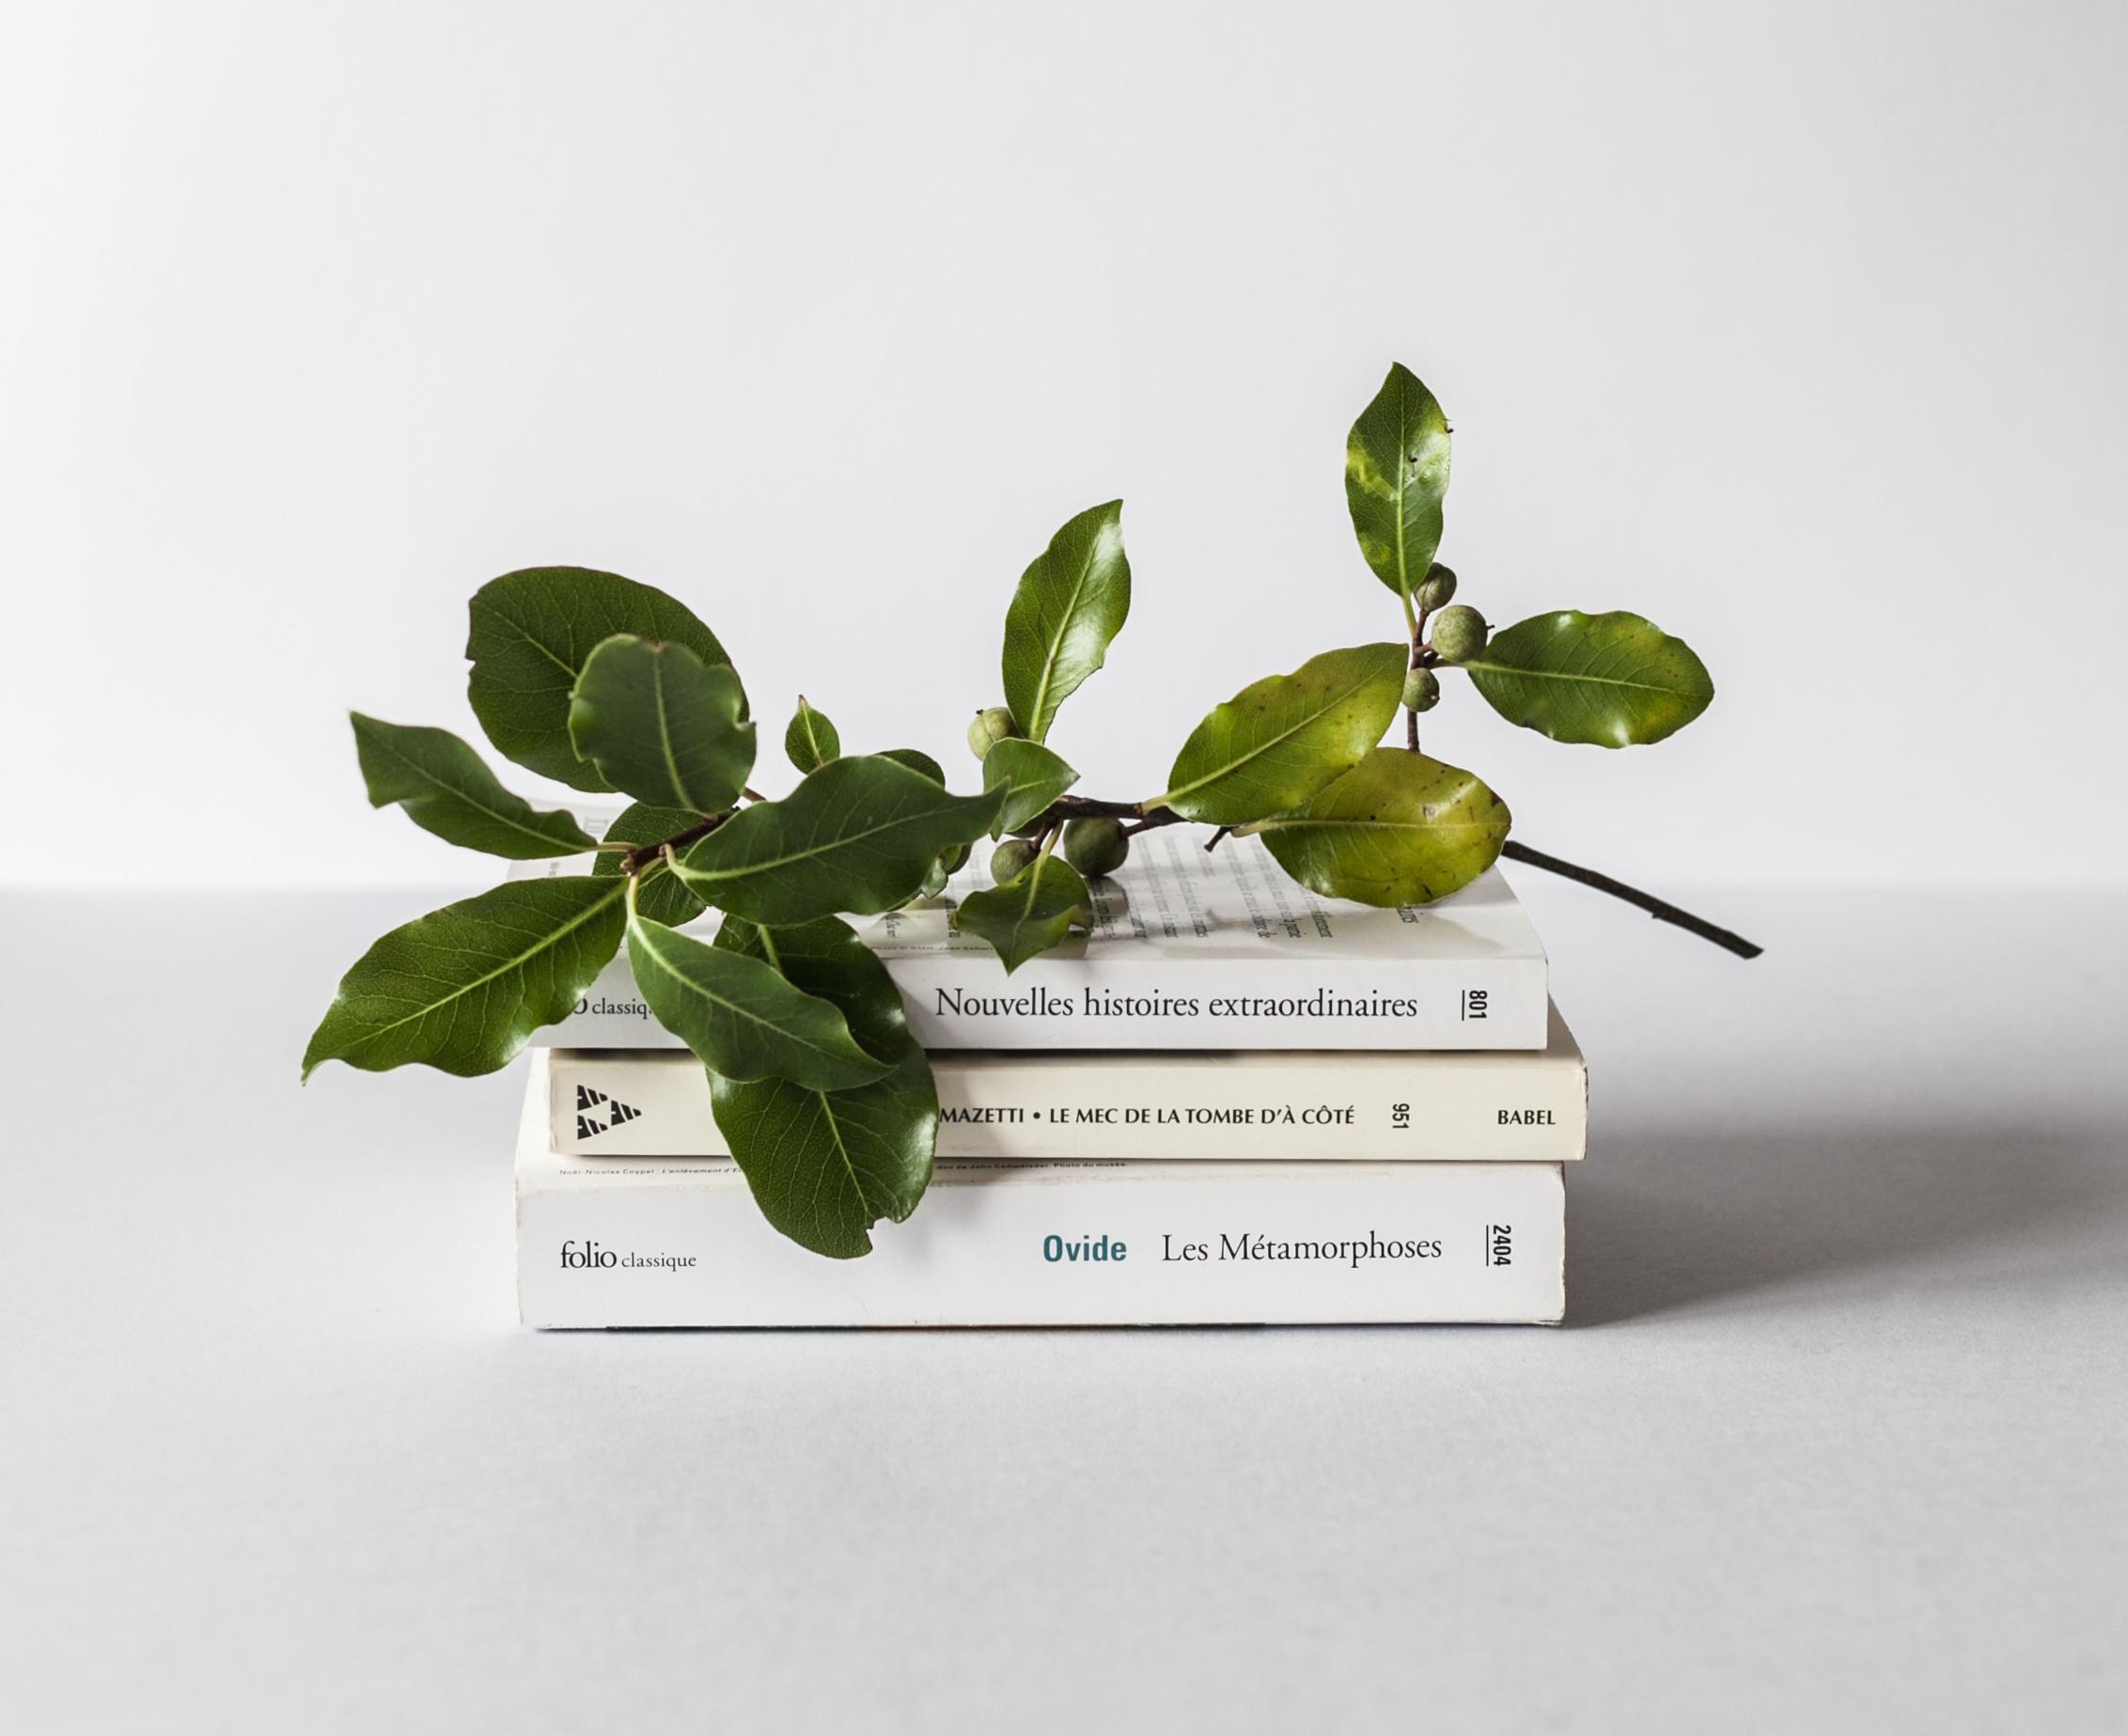 Pubblicare un libro – Meglio il crowdfunding oppure una casa editrice?